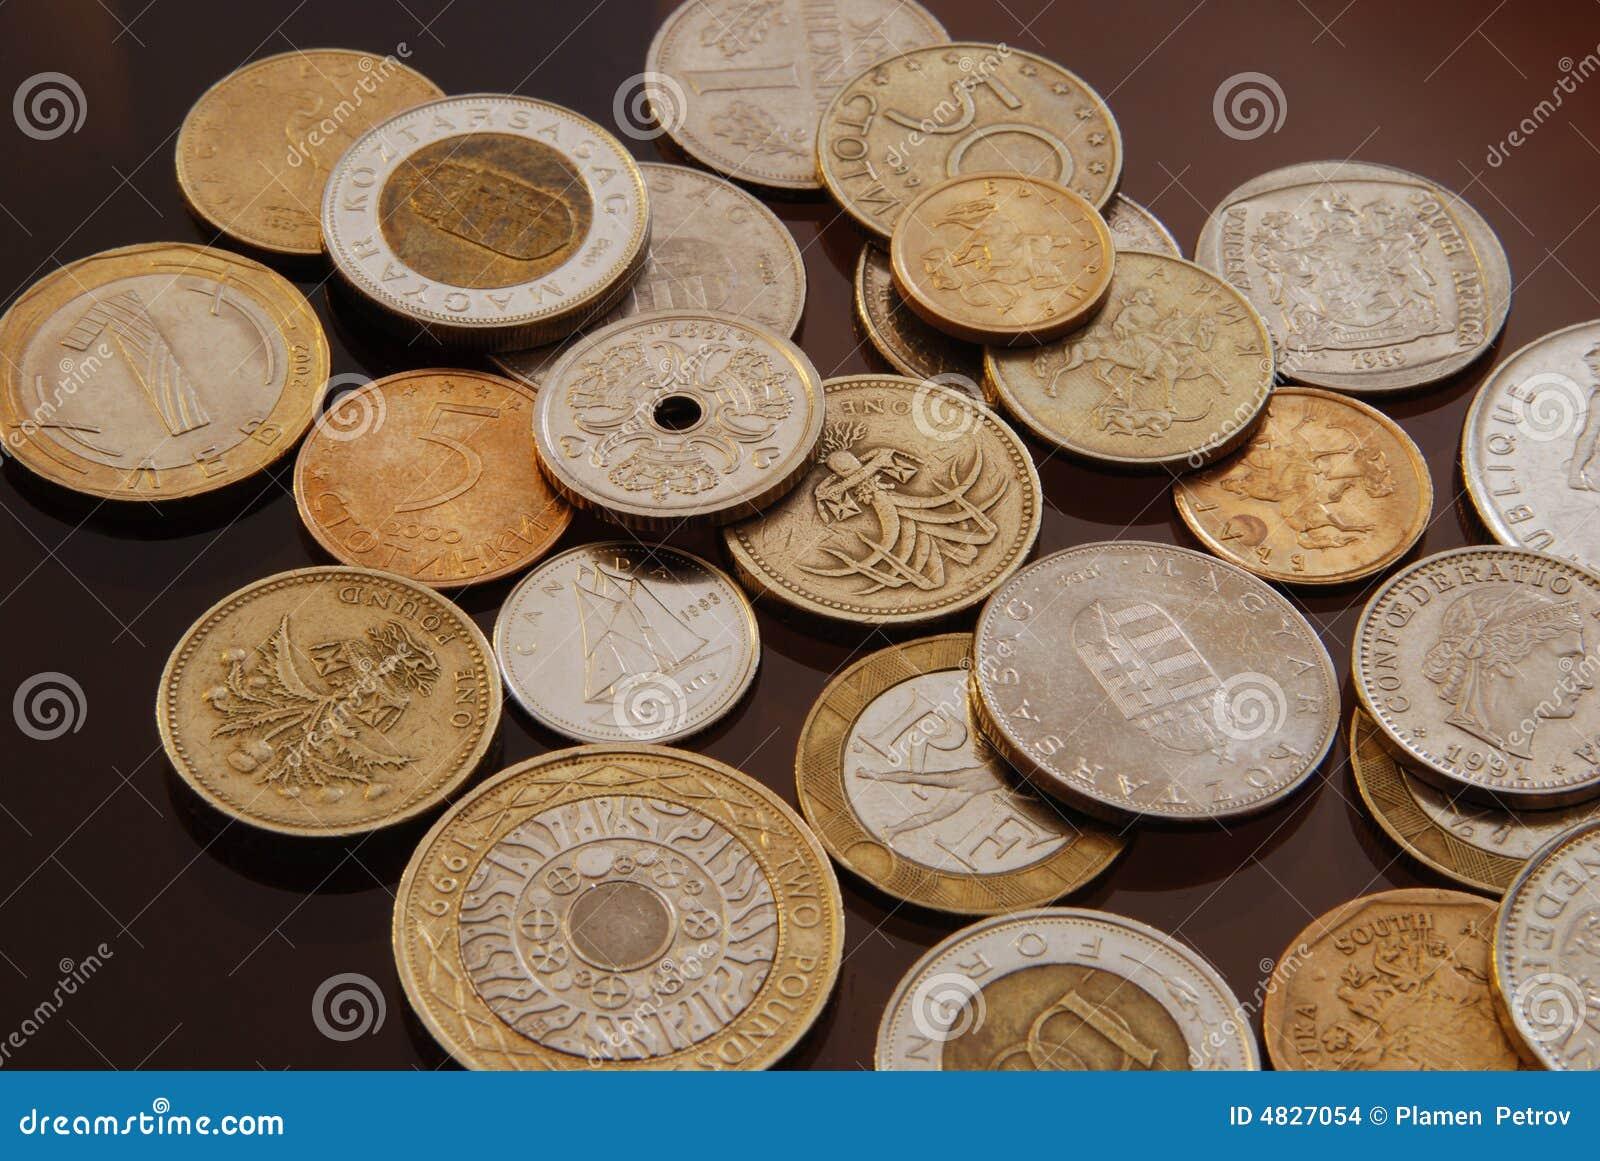 Ramassage de pièces de monnaie